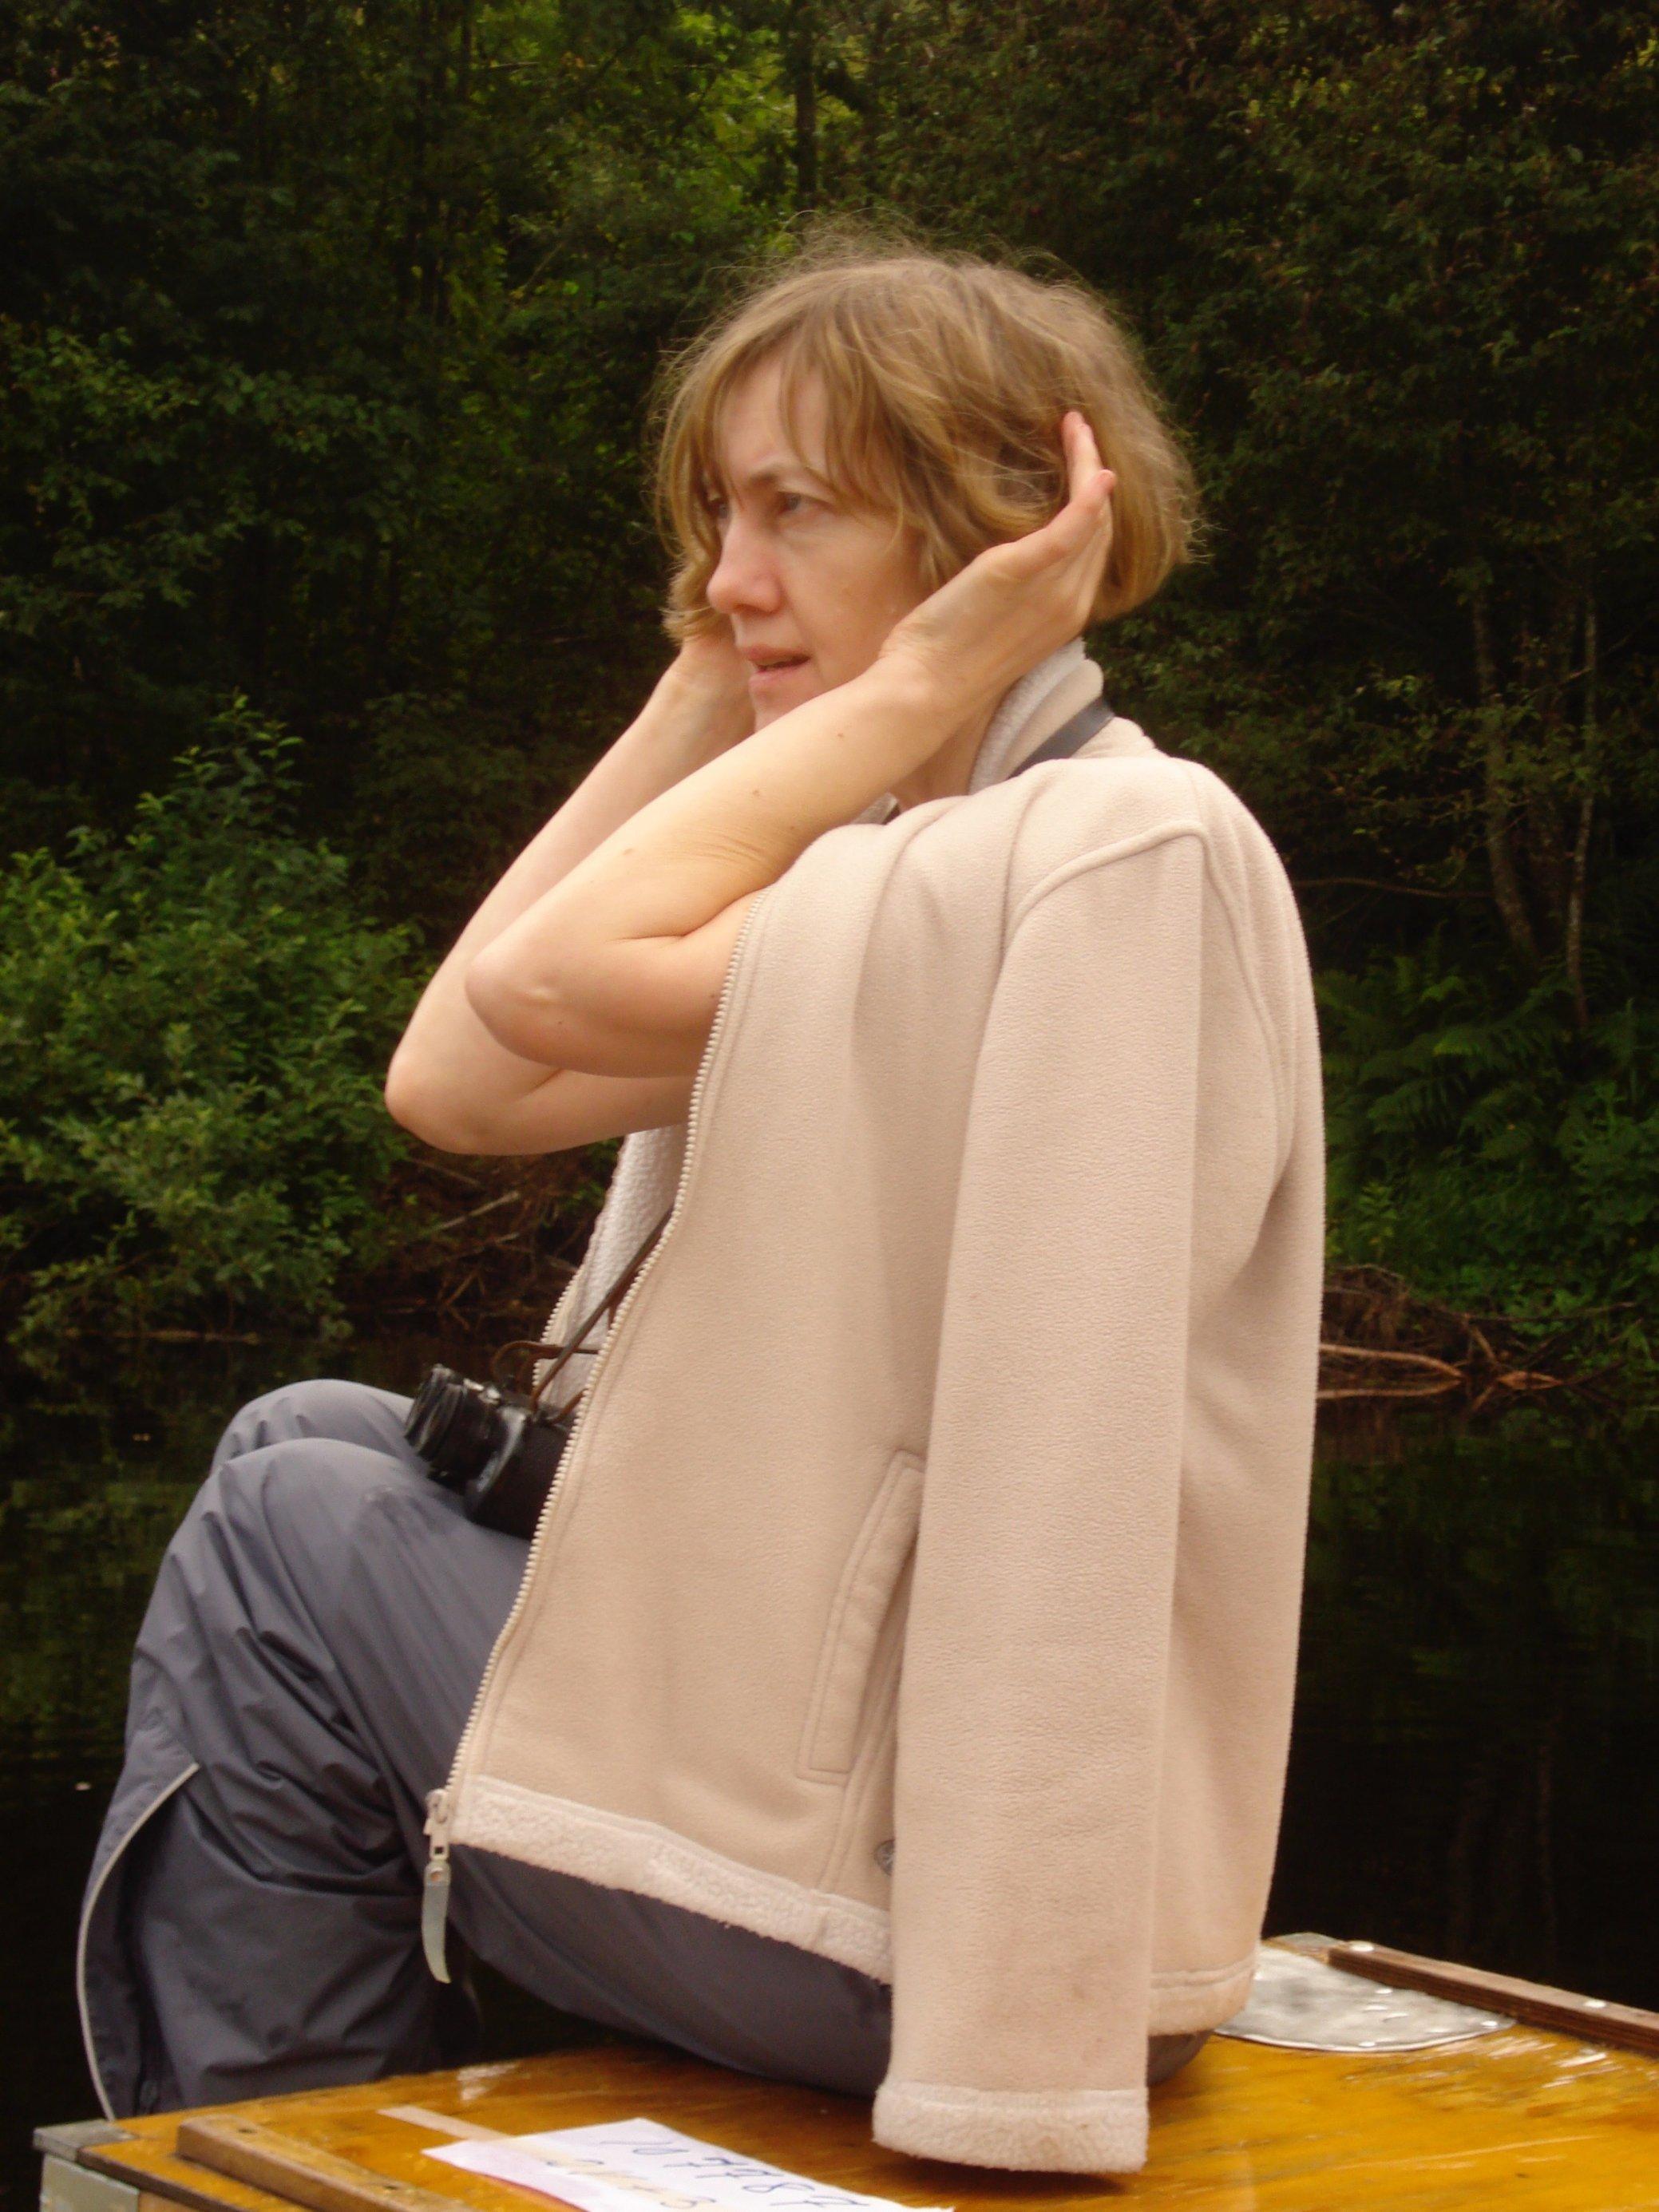 Flugbegleiterin Johanna Romberg hält sich beide Hände hinter die Ohren, um die Vogelstimmen in einem Wald zu idenfitizieren.